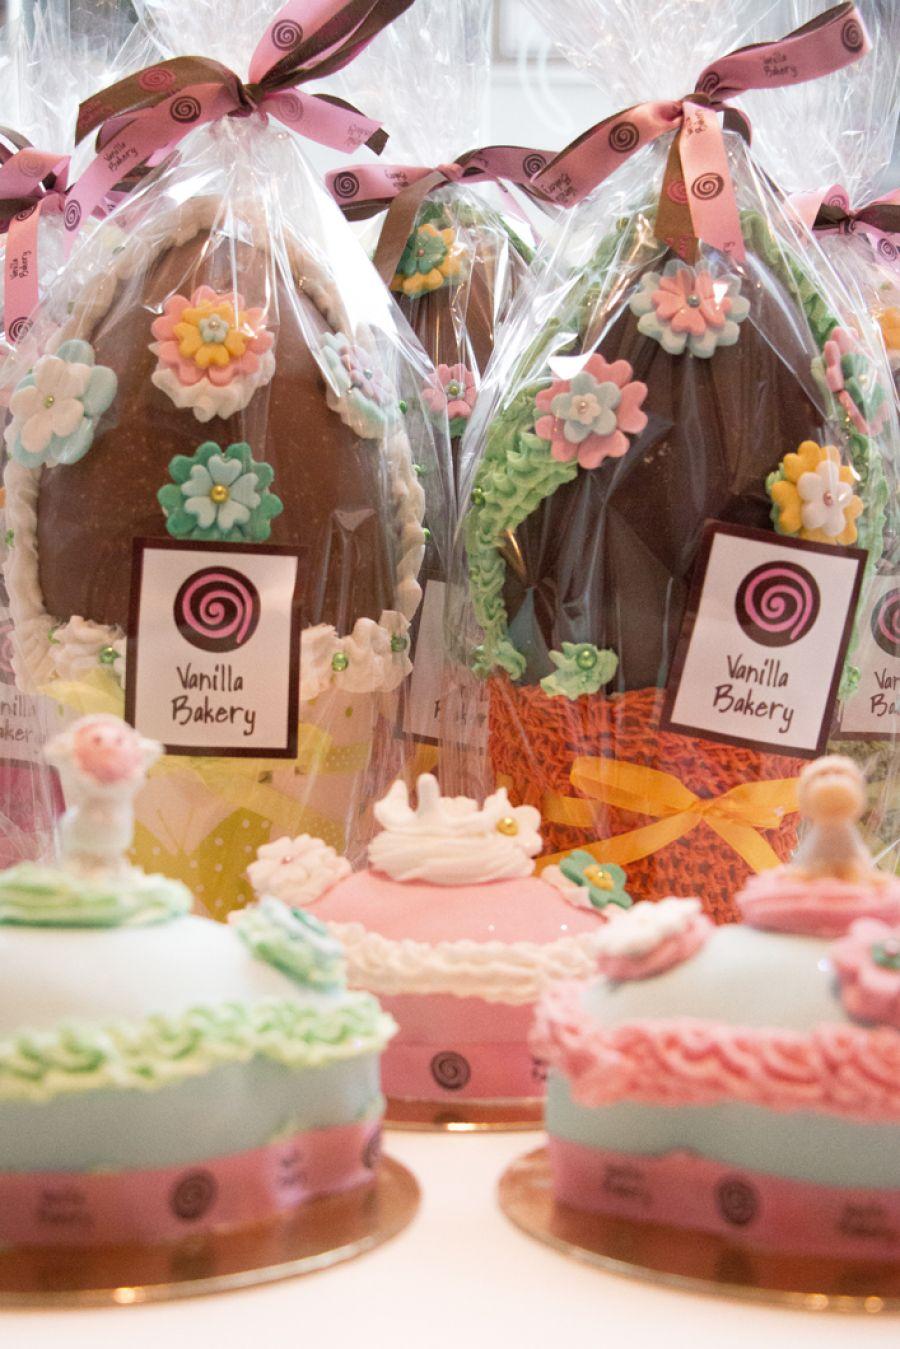 Pasqua Romantica da Vanilla Bakery